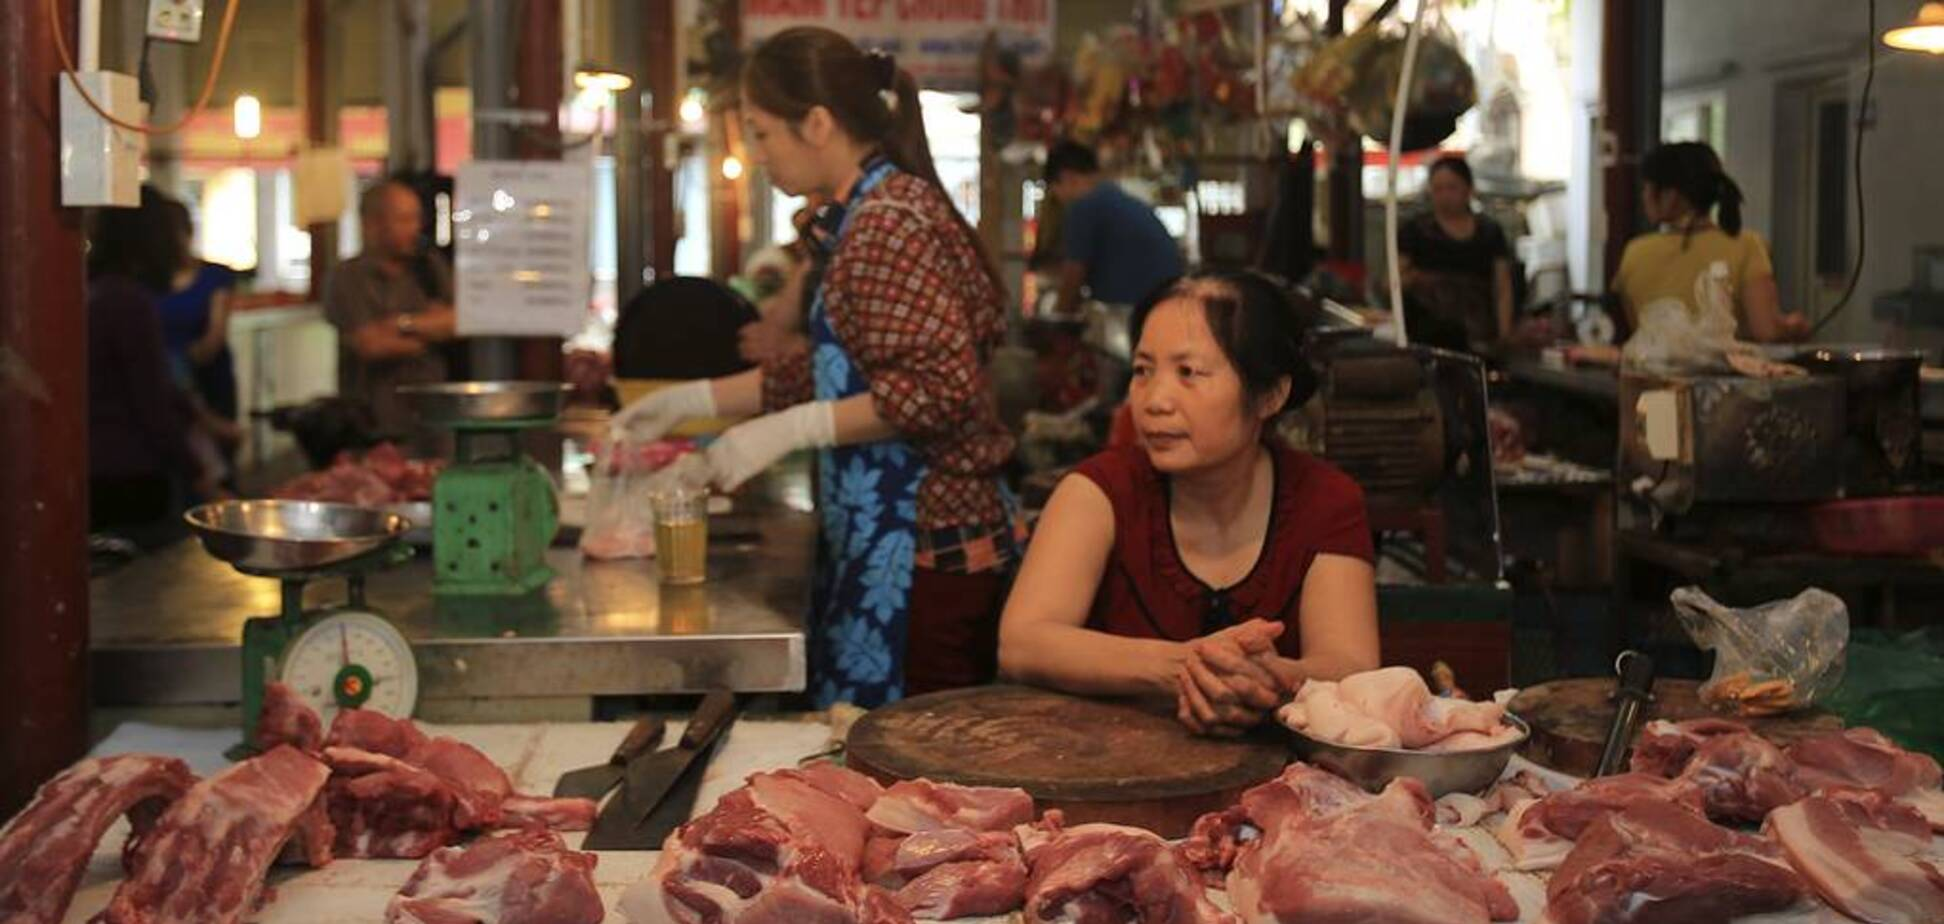 У В'єтнамі ще в 2013 році знайшли шість видів коронавірусу: вчені розповіли про ринки-осередки